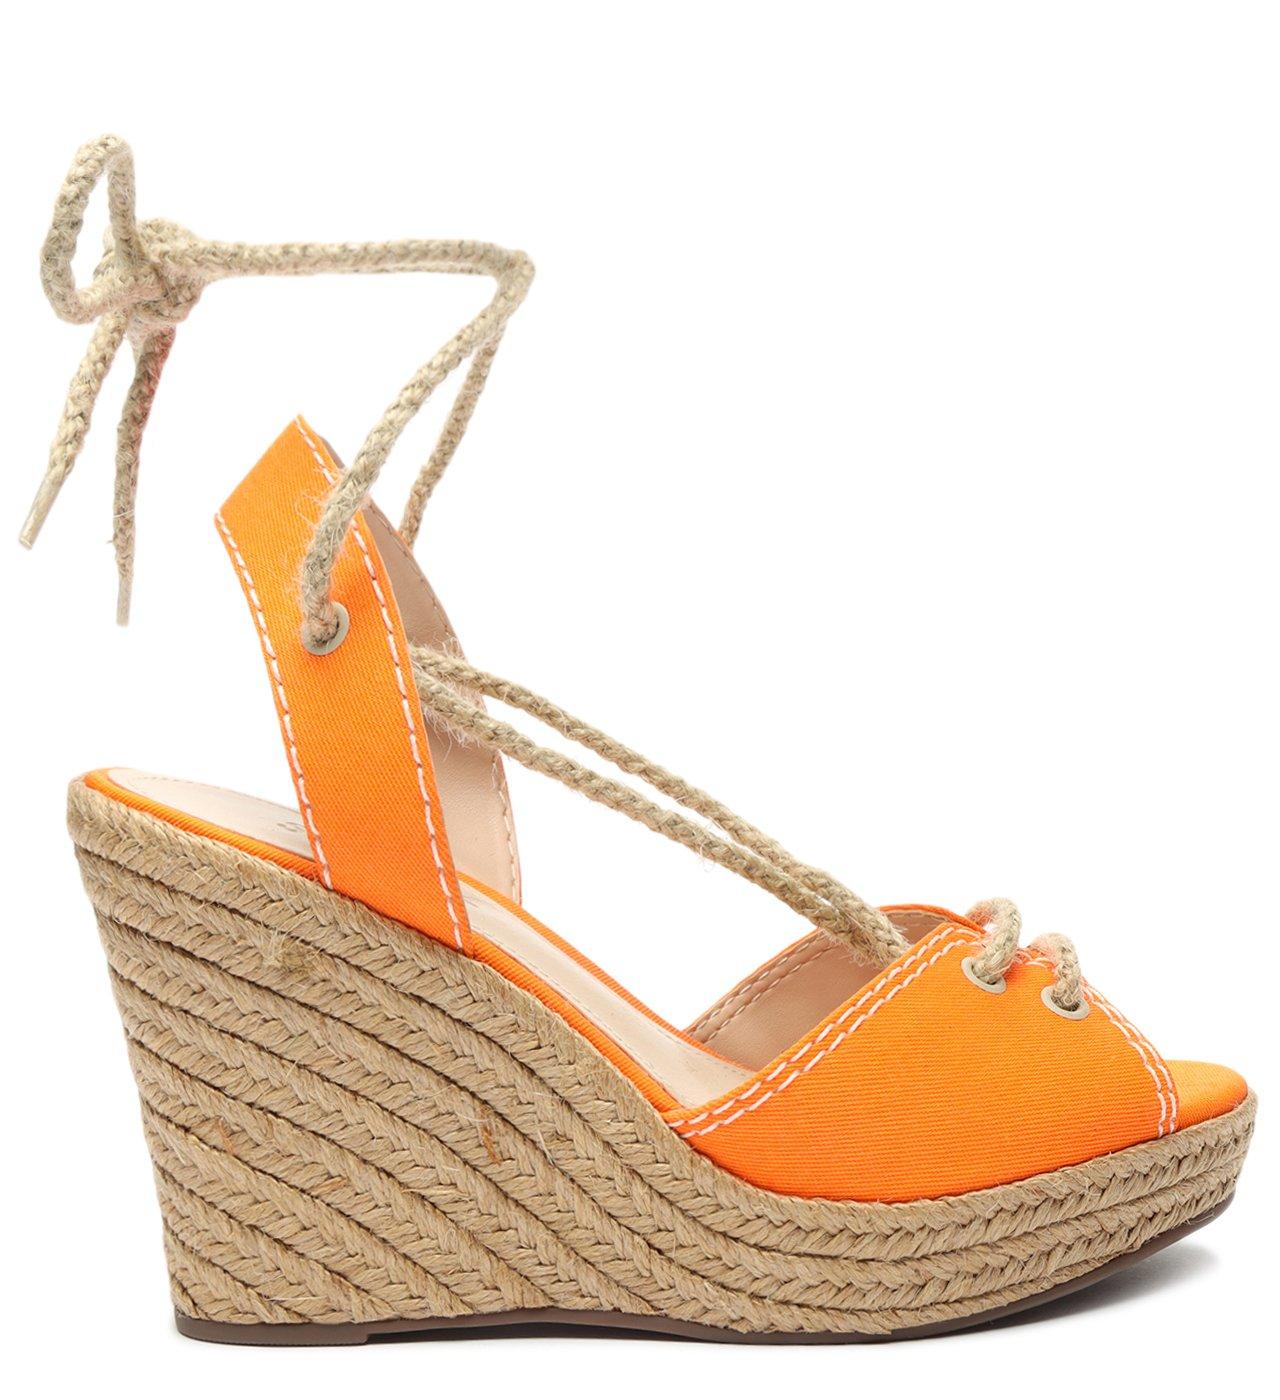 Sandália Anabela Corda Neon Orange | Schutz